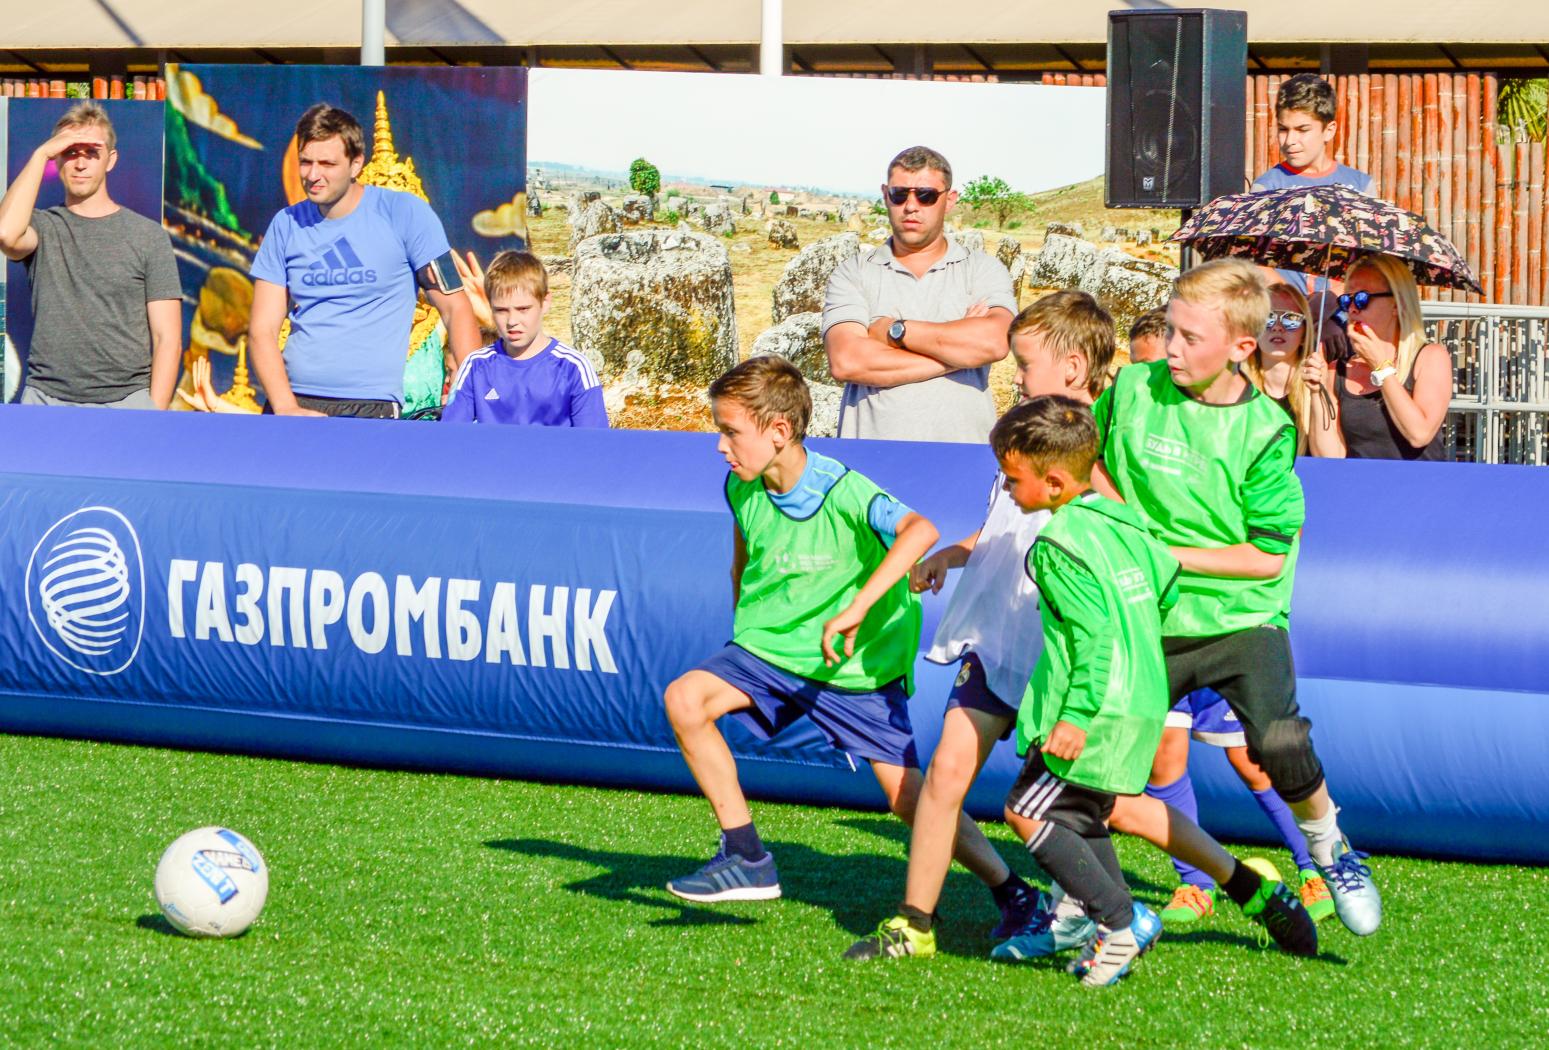 Большой фестиваль футбола в сочи фото